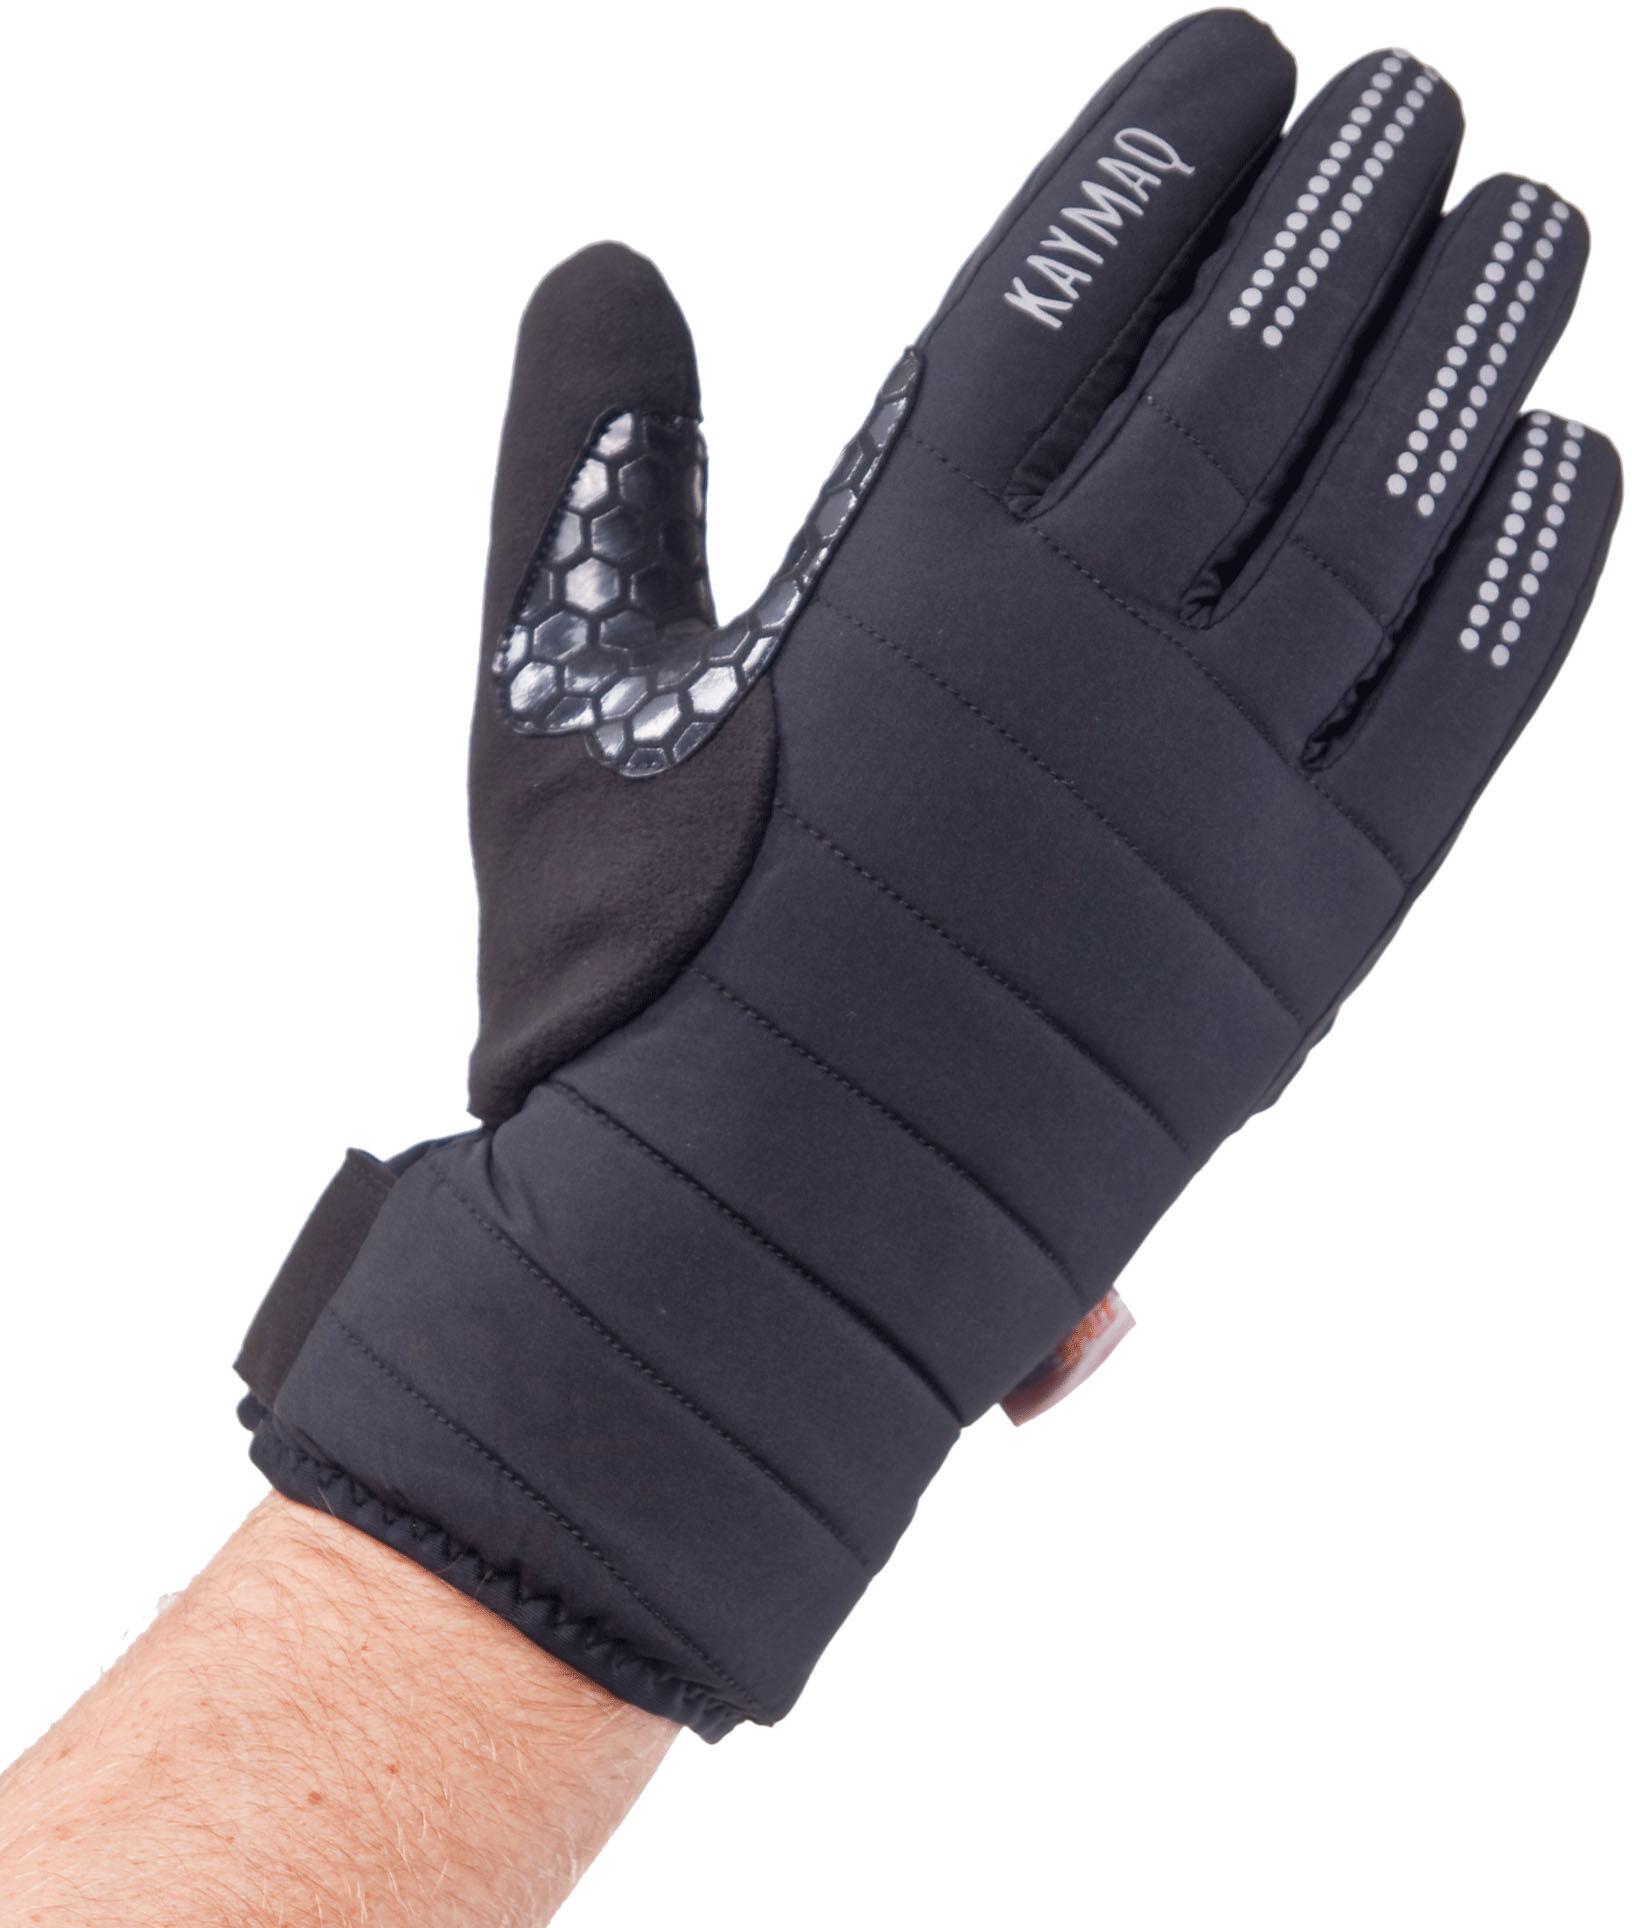 KAYMAQ zimowe rękawiczki rowerowe, czarny GLW-003 Rozmiar: L,KaymaqGLW-003blk